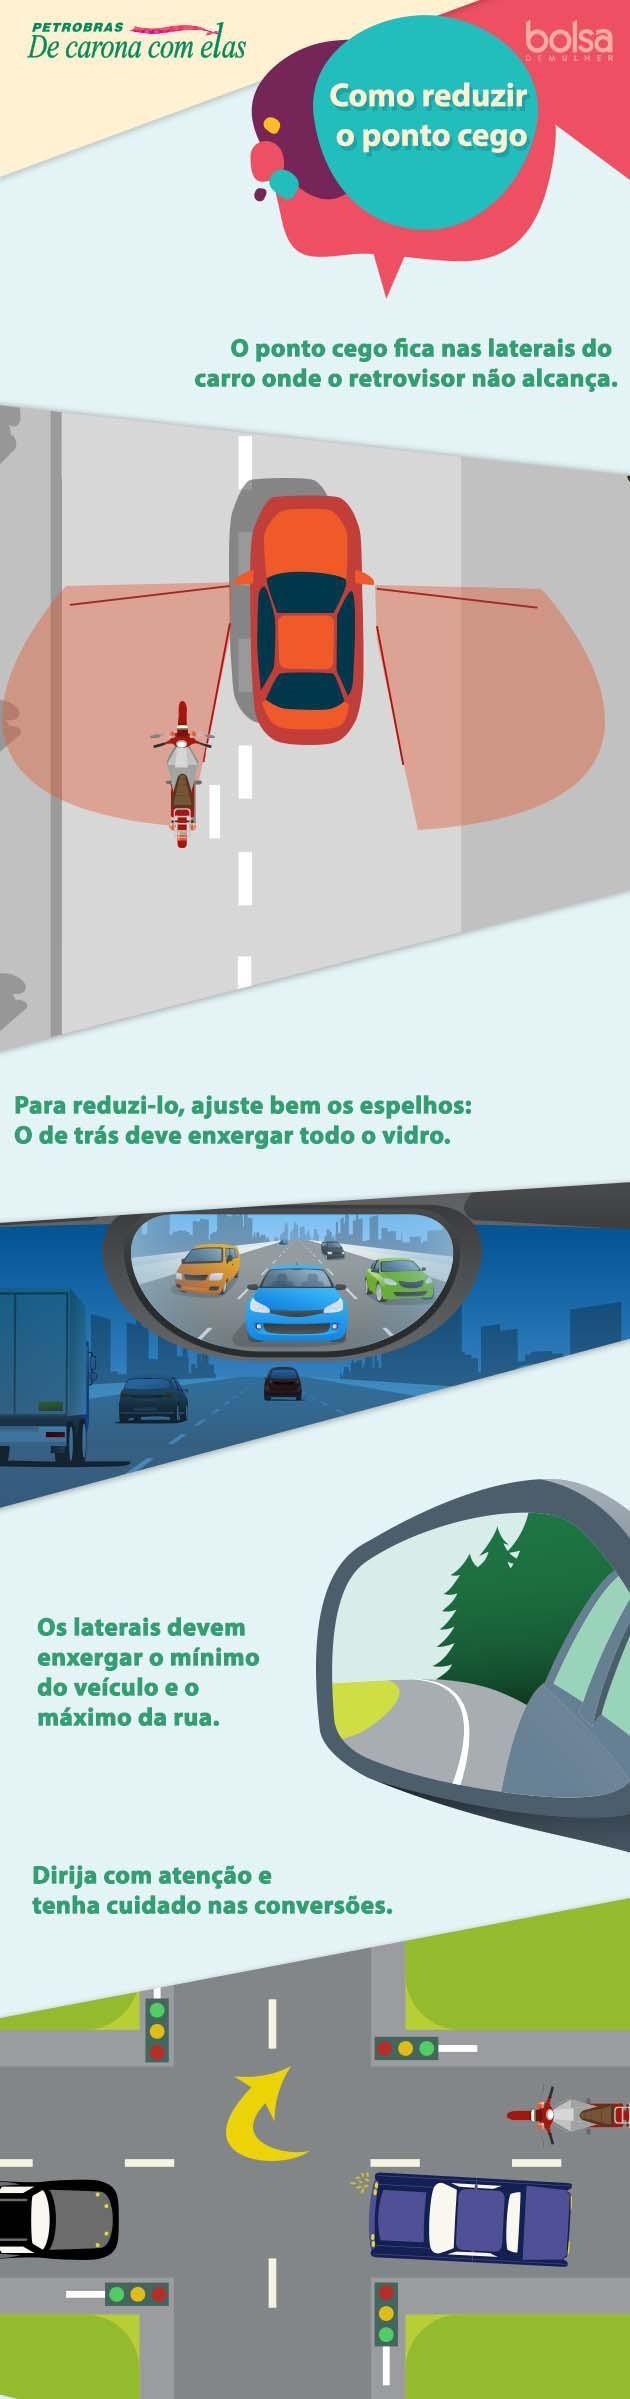 Já ouviu falar em ponto cego do carro? Saiba onde está e como acabar com ele - Bolsa de Mulher